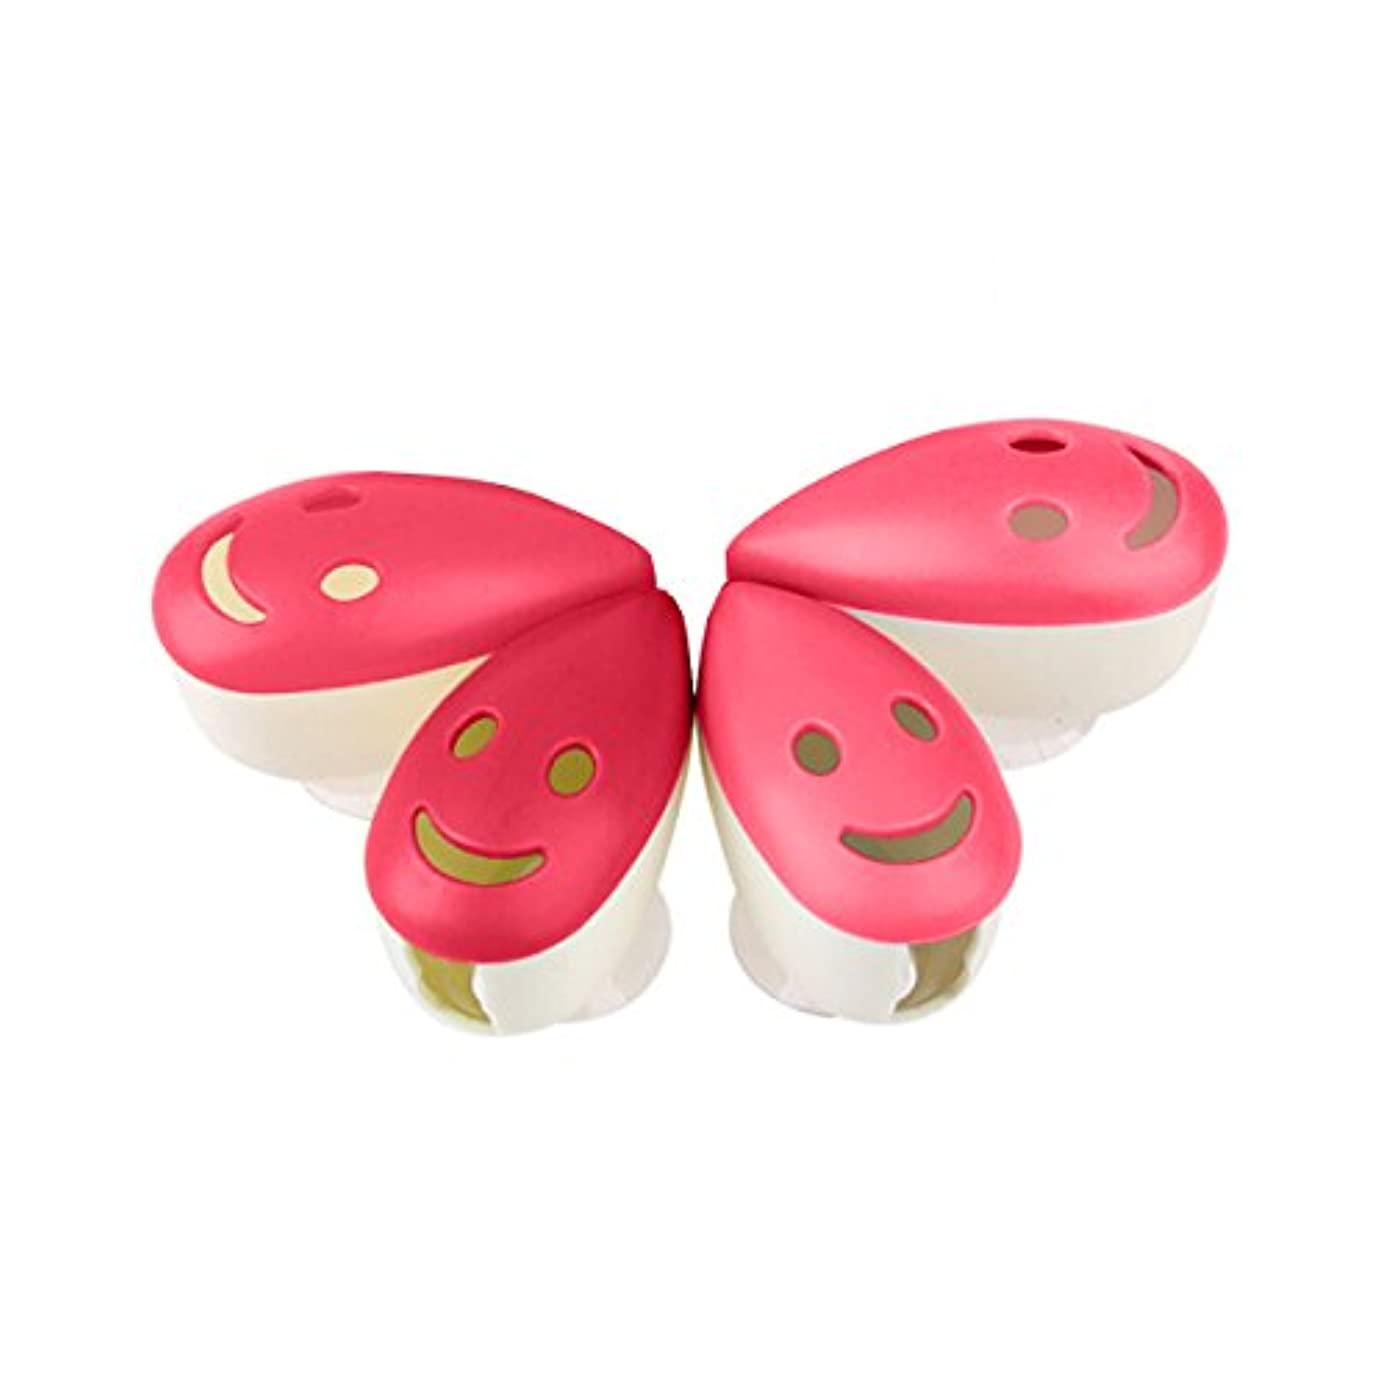 収縮こねるループROSENICE 歯ブラシケース4個のスマイルフェイス抗菌歯ブラシホルダーサクションカップ(混合色)